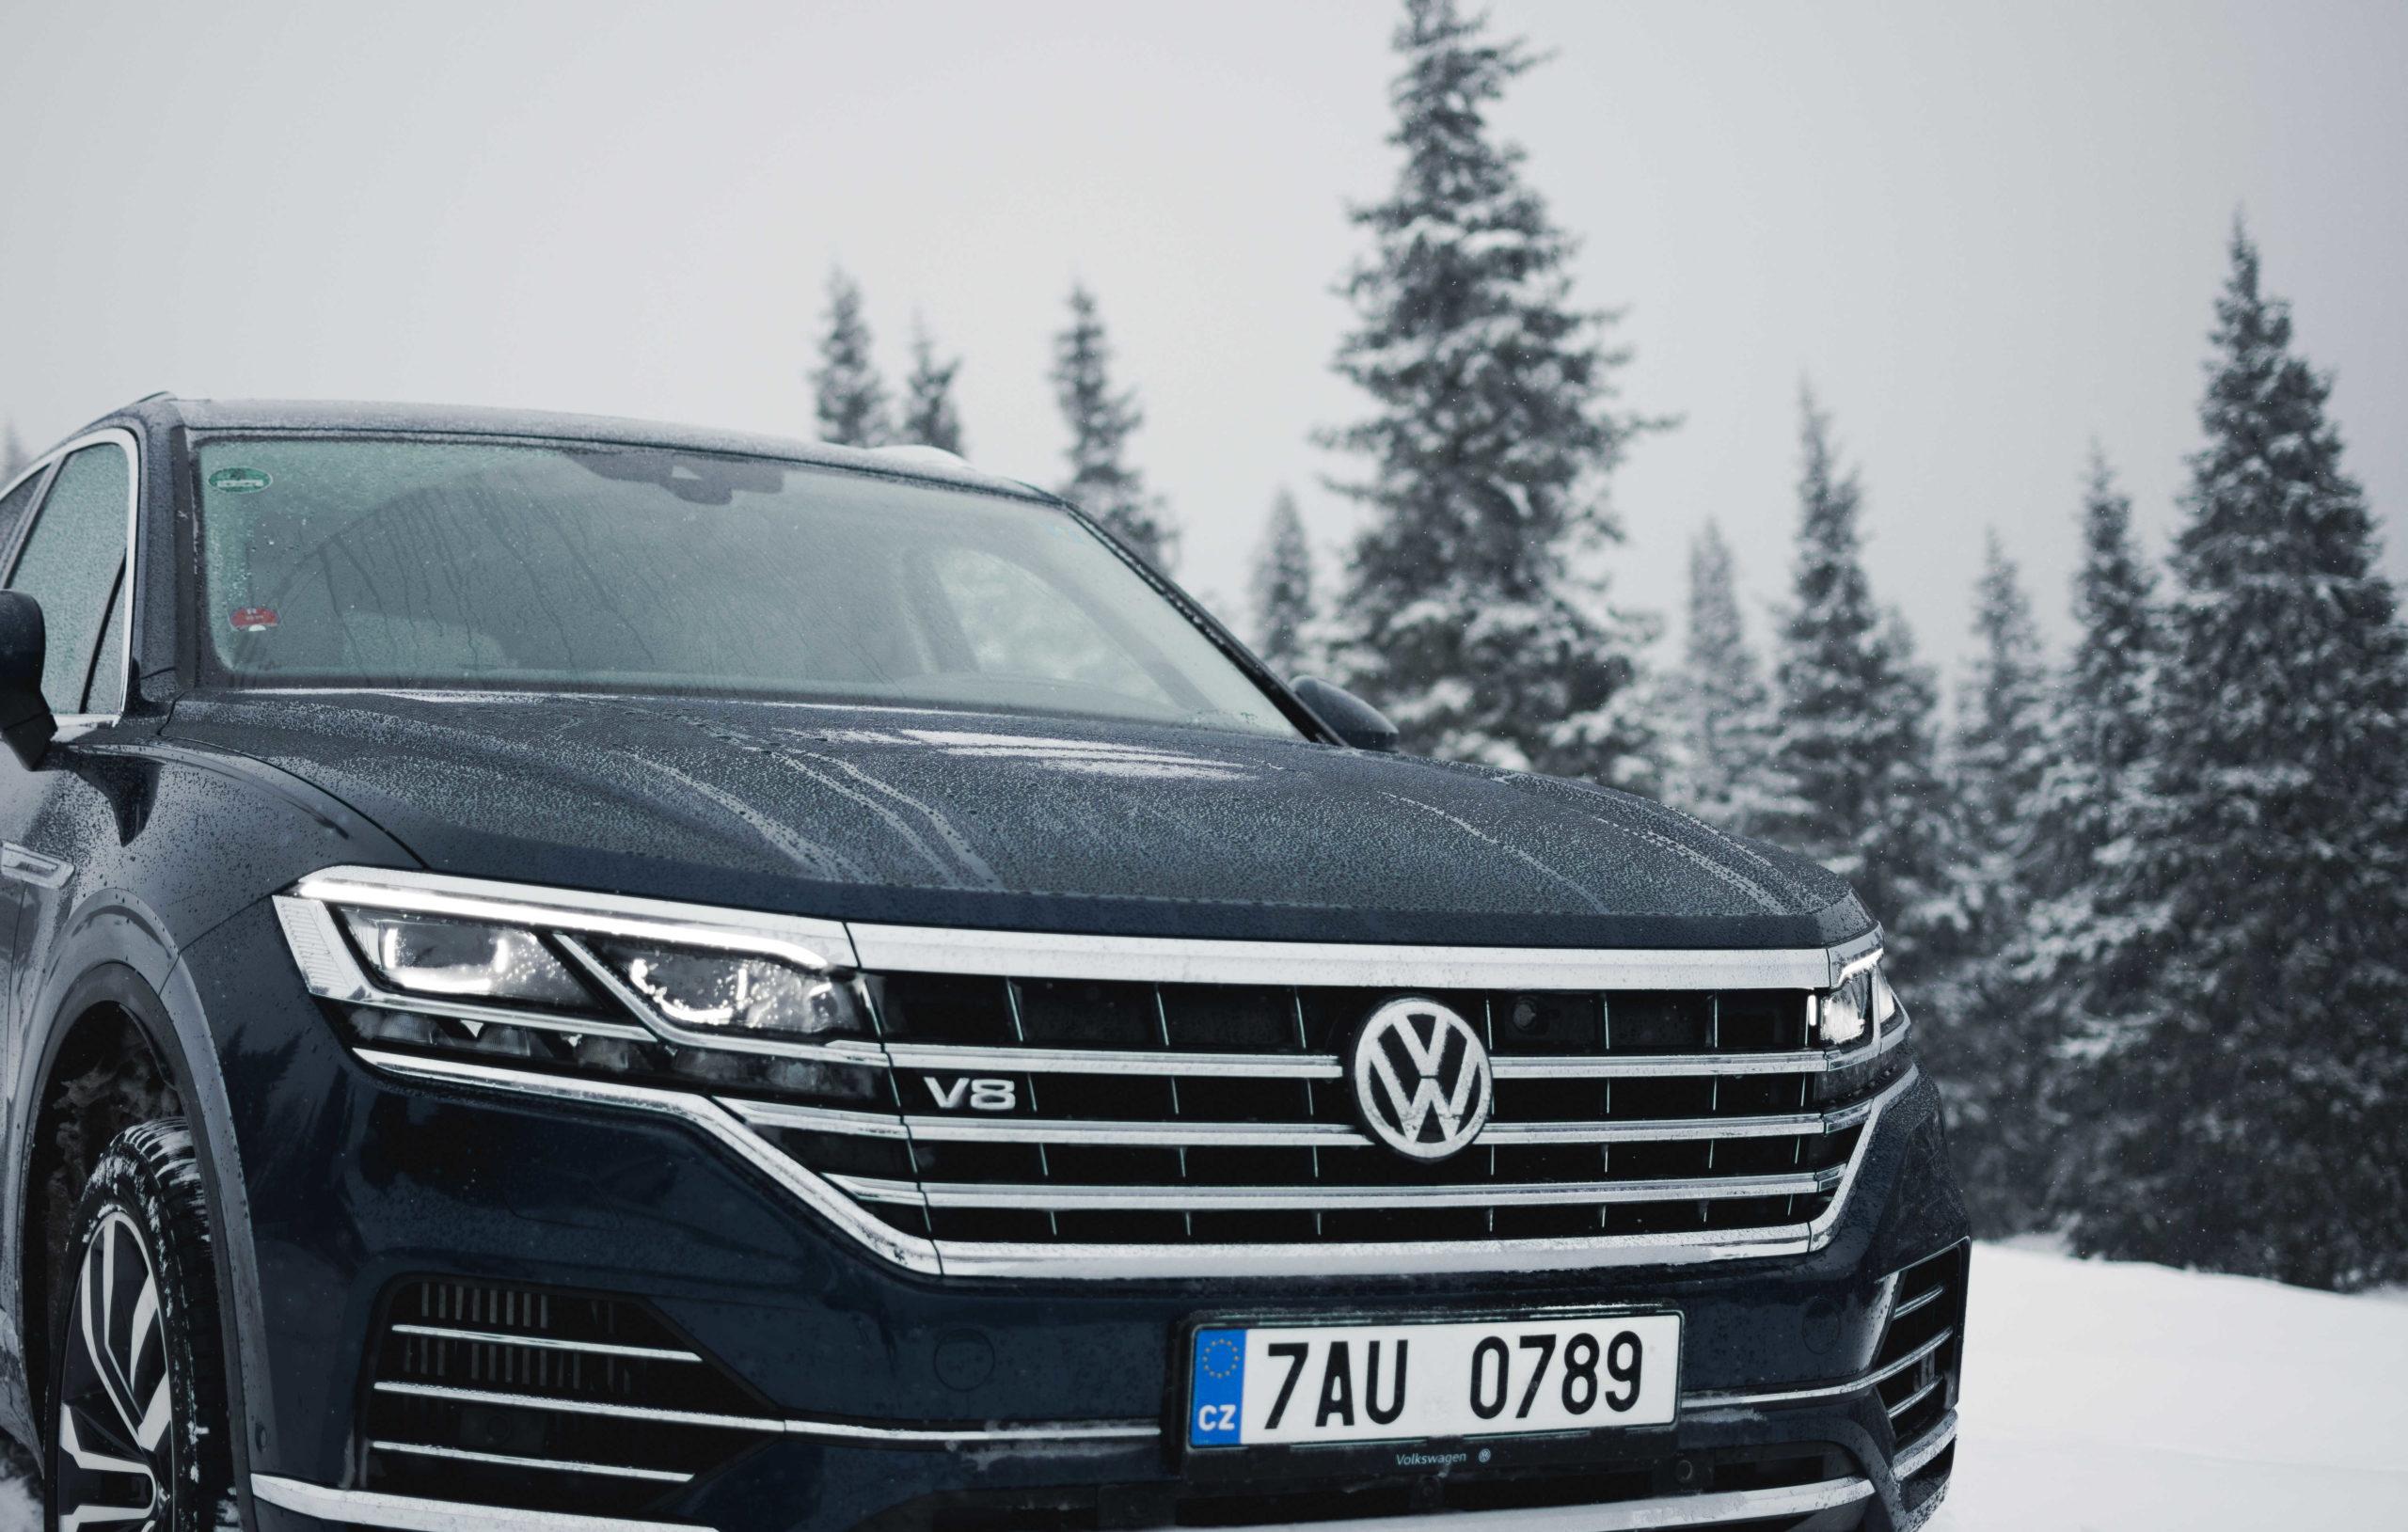 Volkswagen Toureg V8